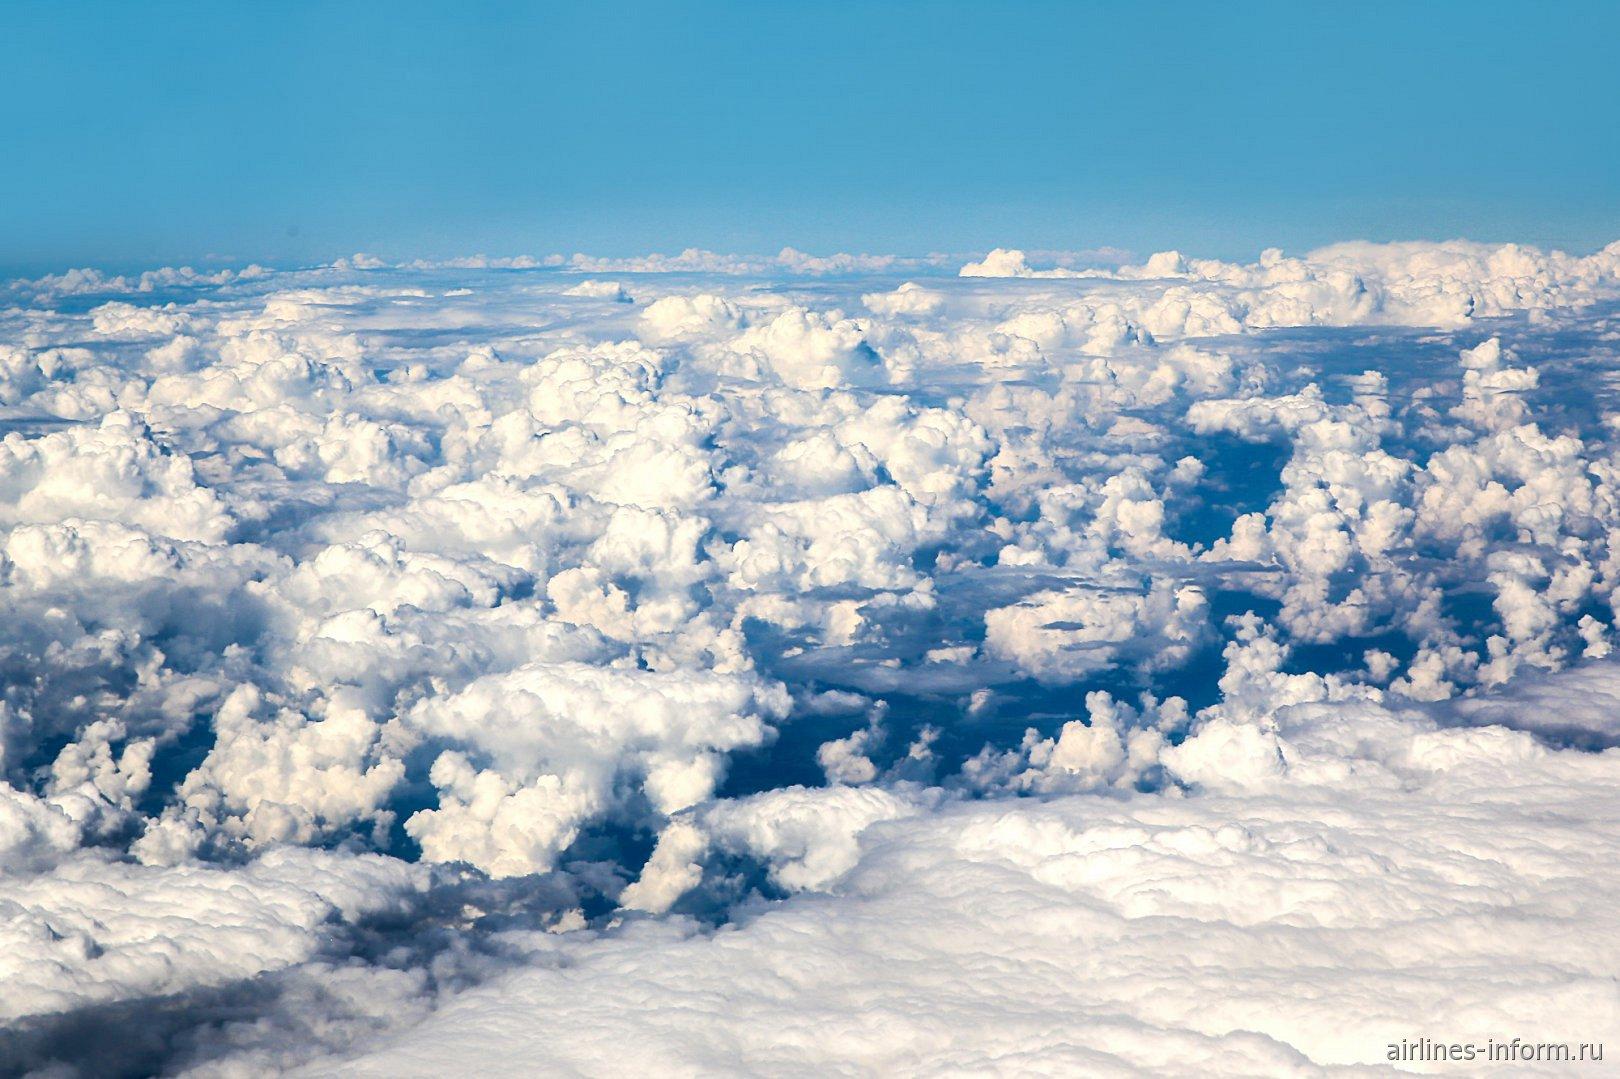 Кучевые облака над Россией